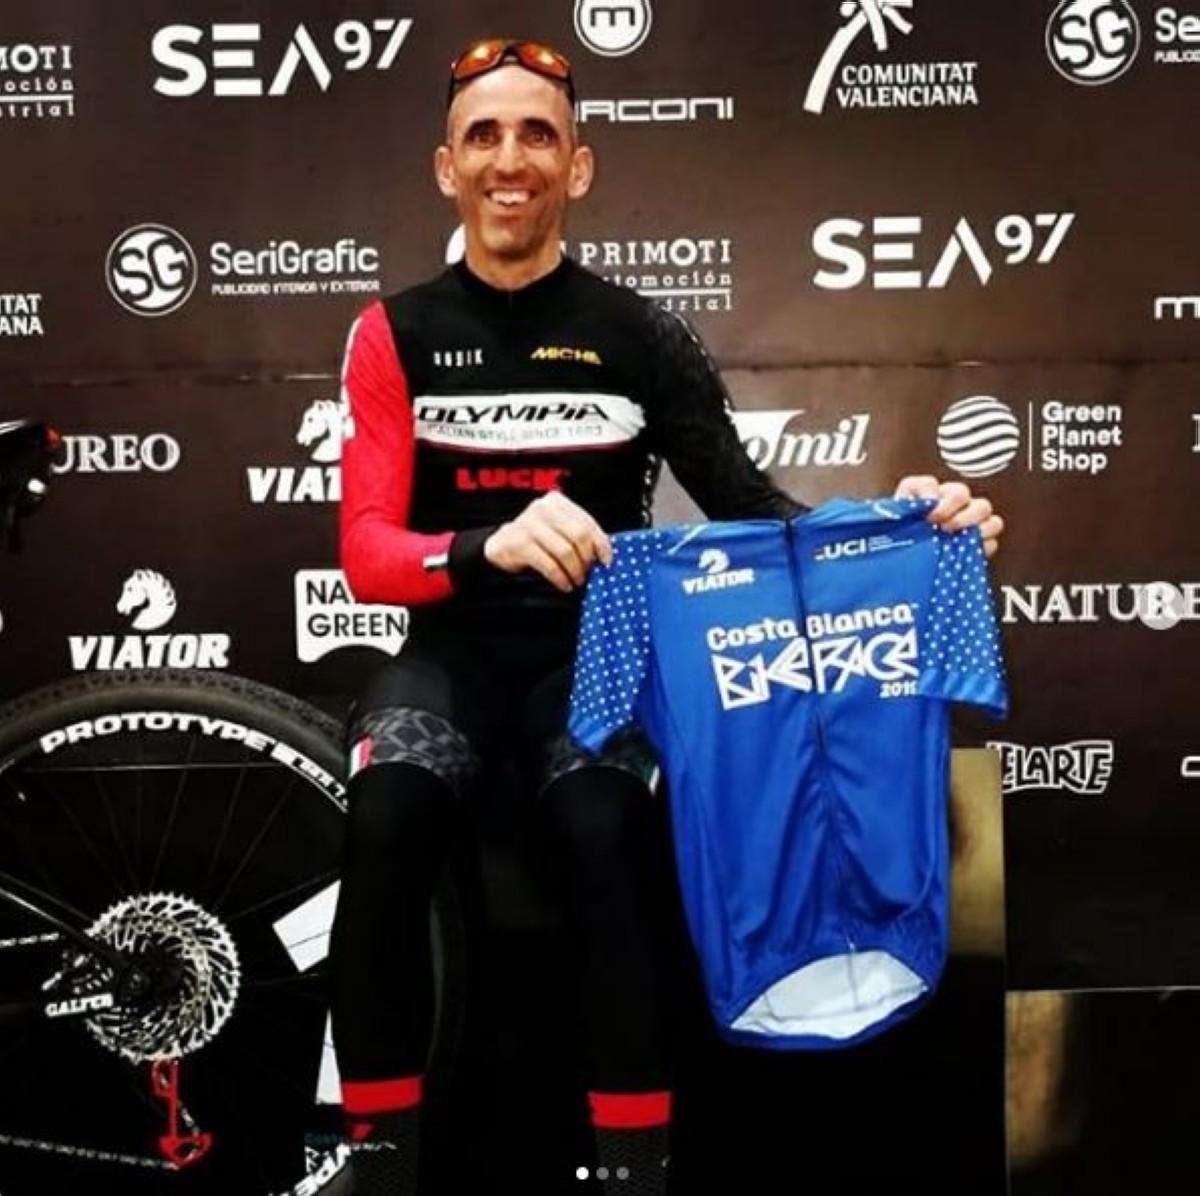 El Olympia Factory Cycling Team ya tiene sus primeras victorias de 2019